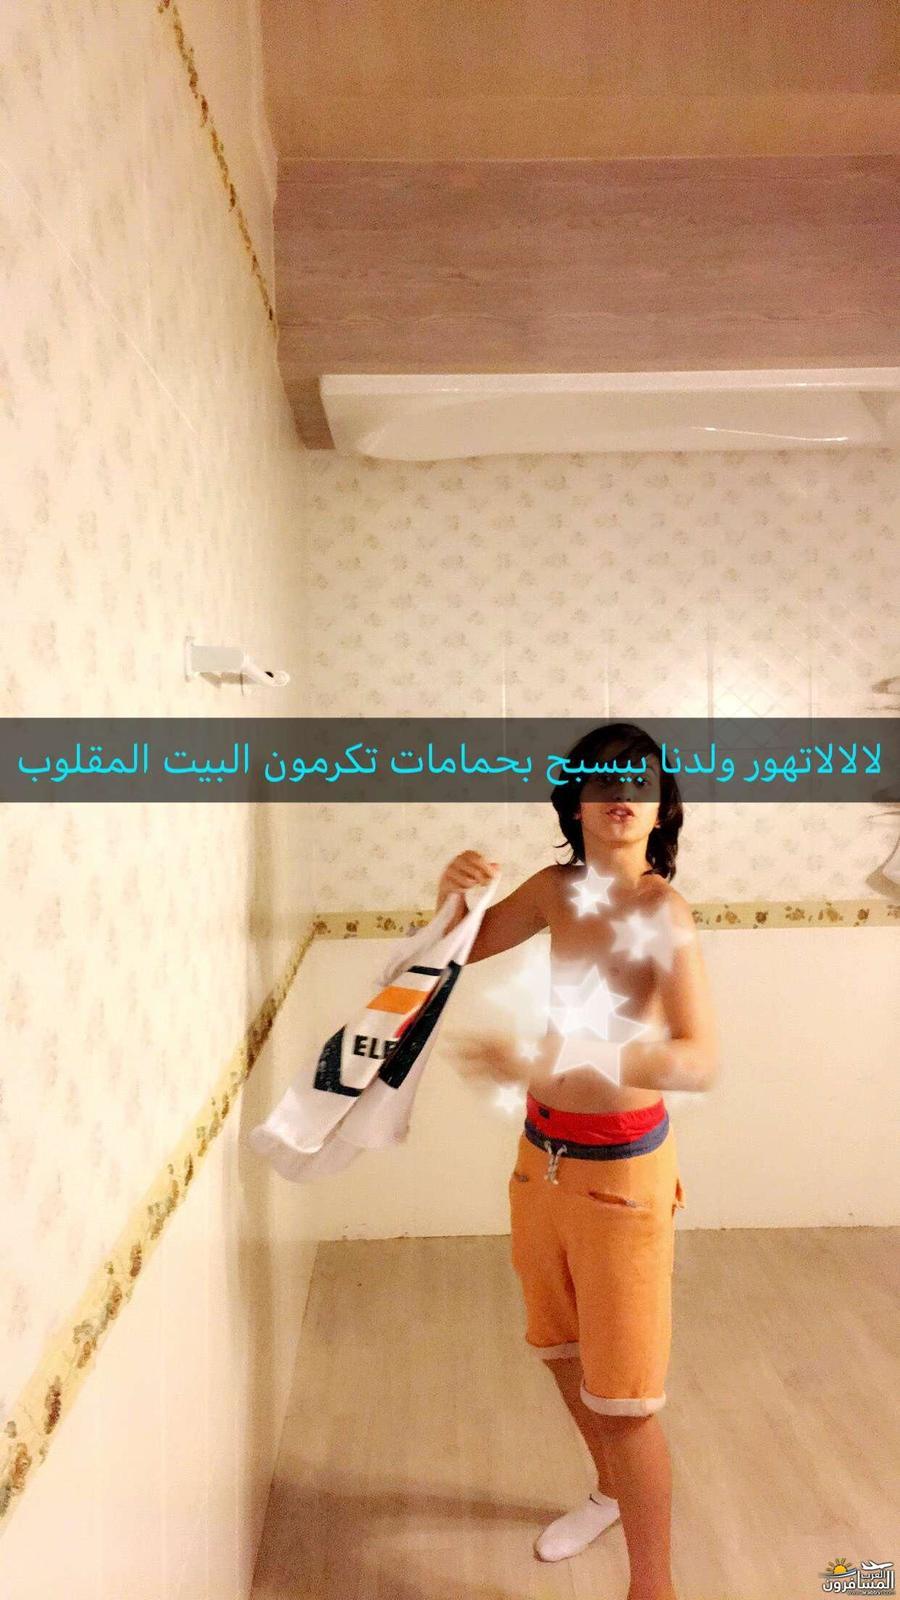 arabtrvl1509096055516.jpg